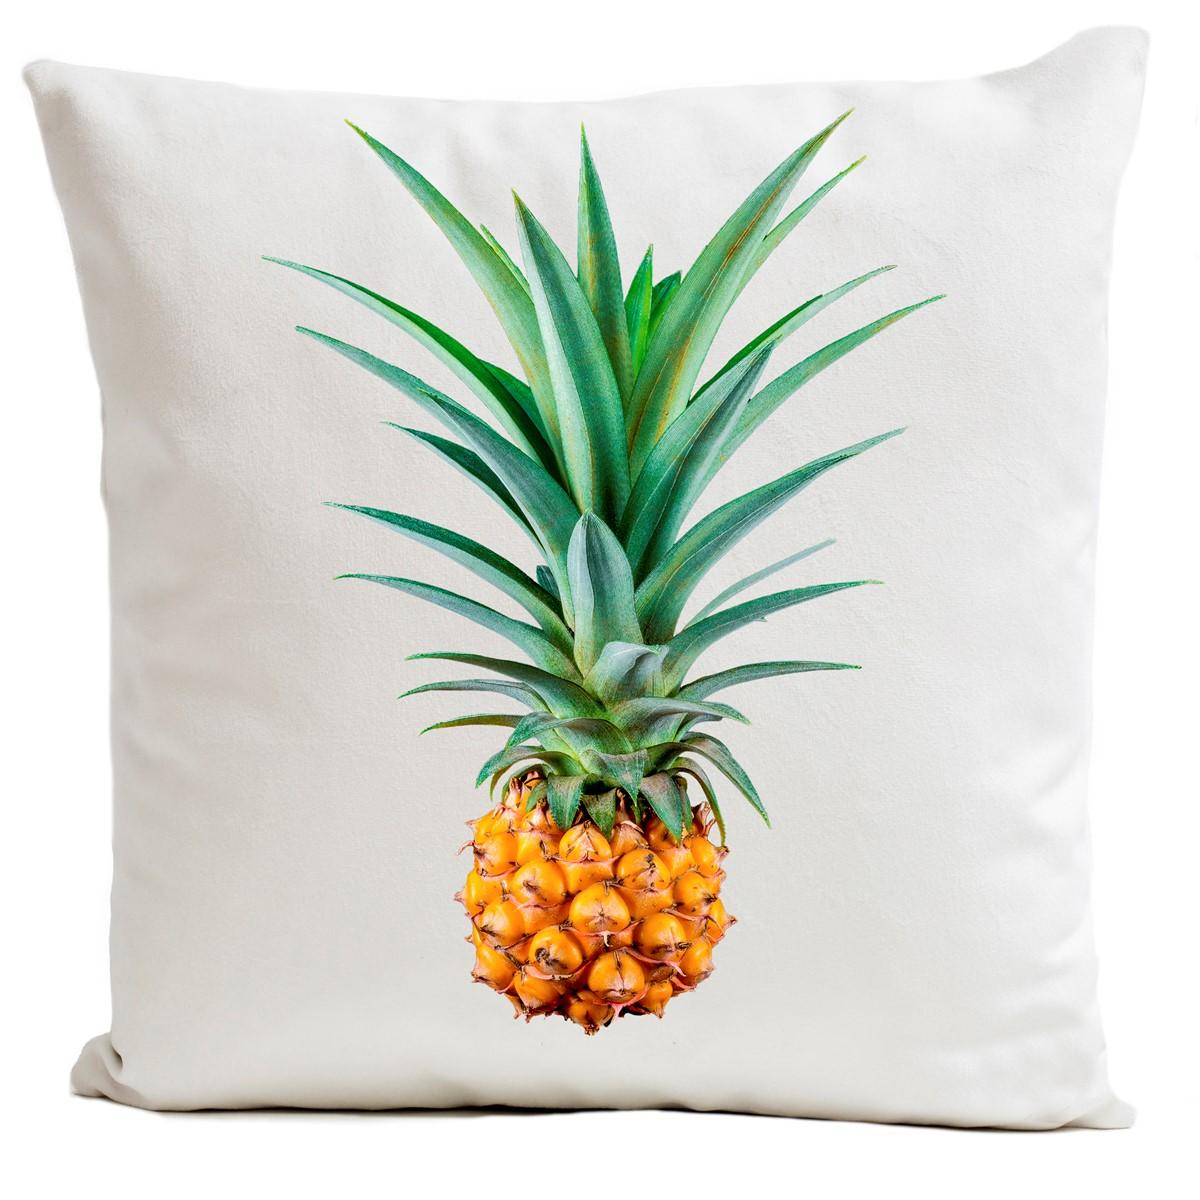 Coussin velours carré imprimé fruits blanc 60x60